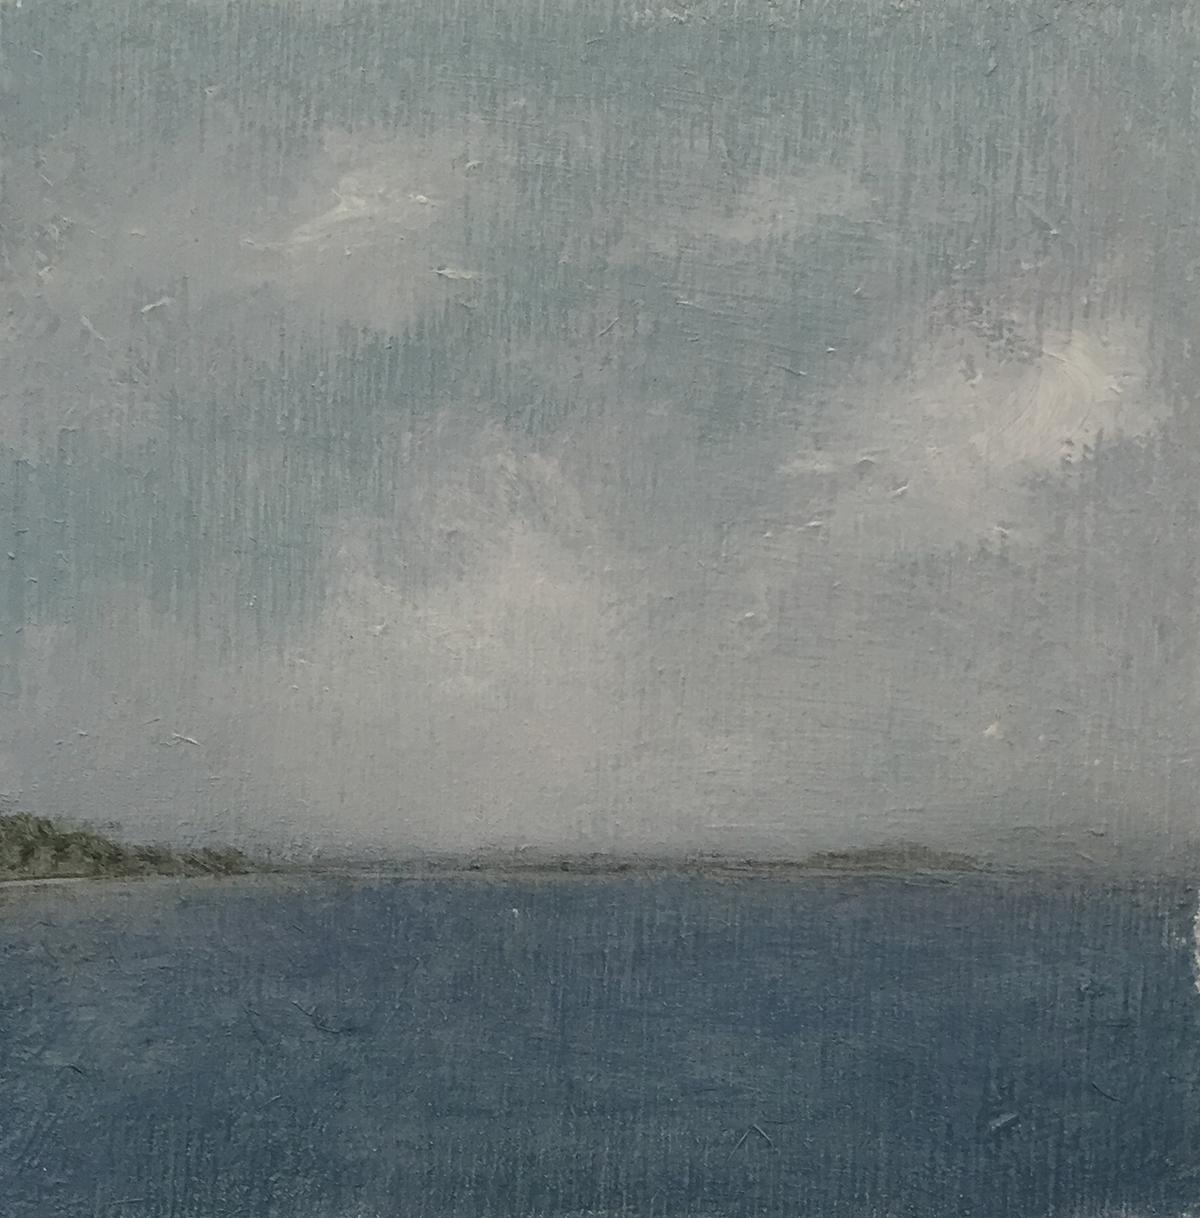 Distant Shores